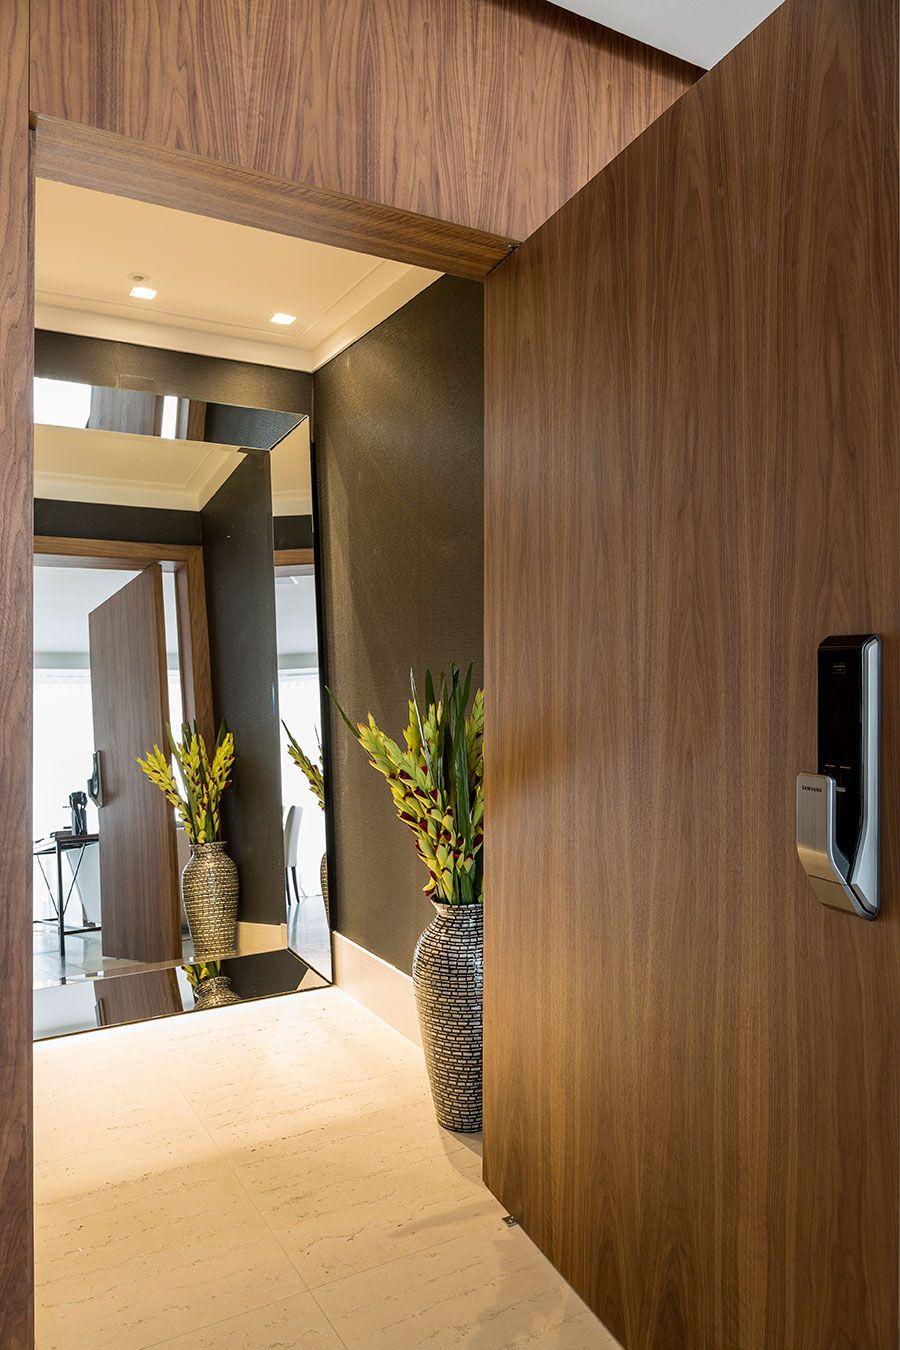 Open House decoraç u00e3o Hall entrada apartamento, Hall do elevador, Decoraç u00e3o hall de entrada -> Como Decorar Hall De Entrada De Elevador